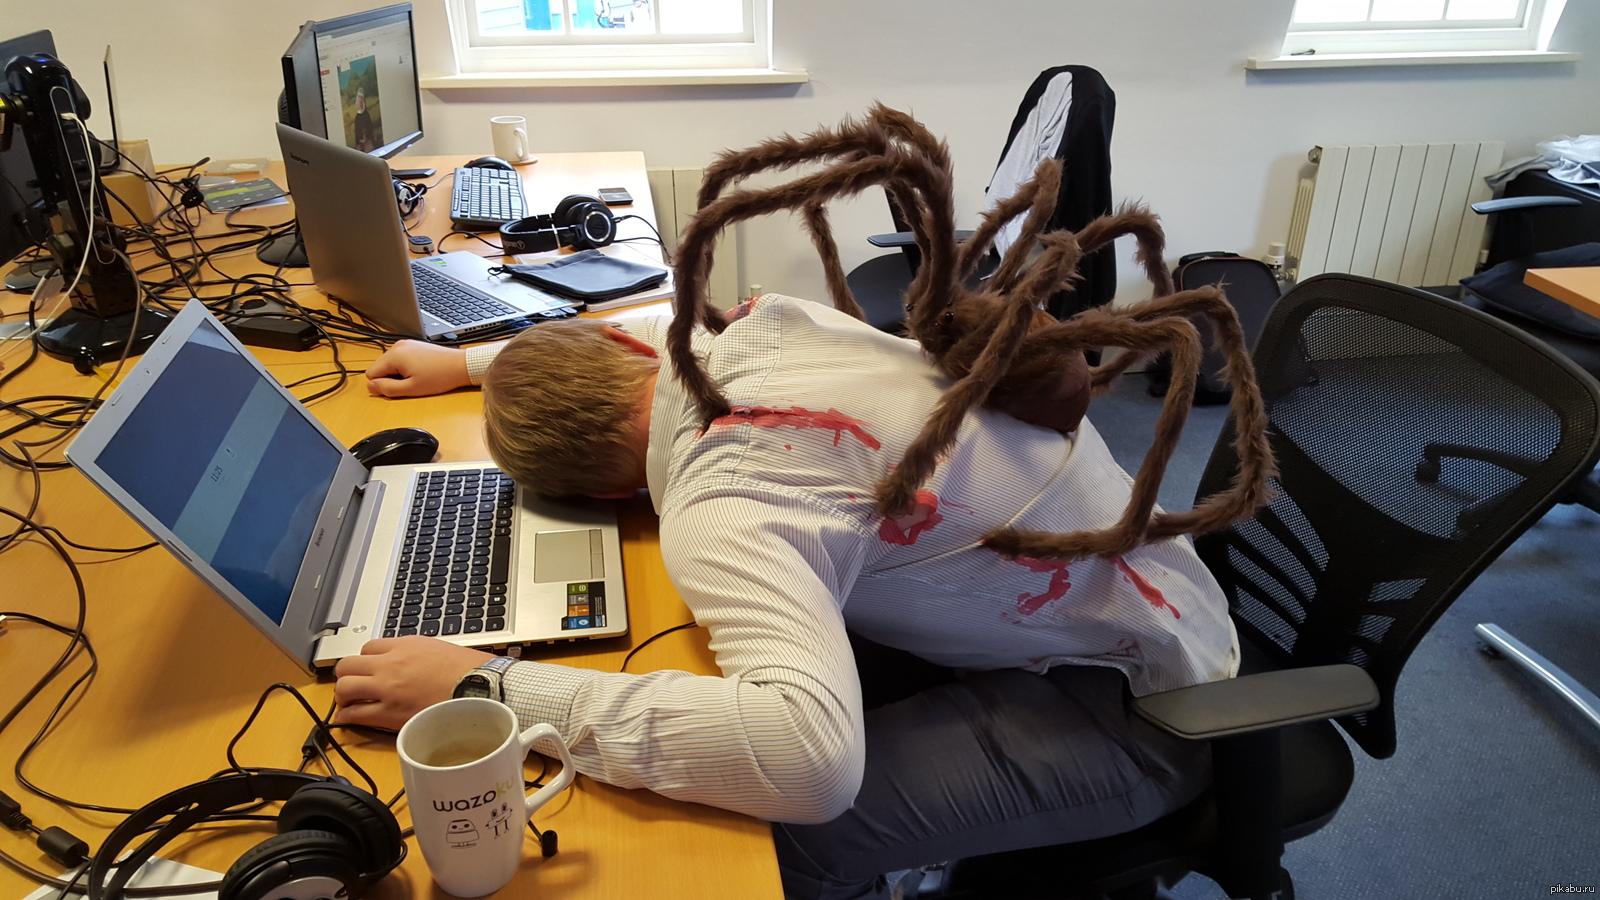 смешные фото про работу в офисе словам